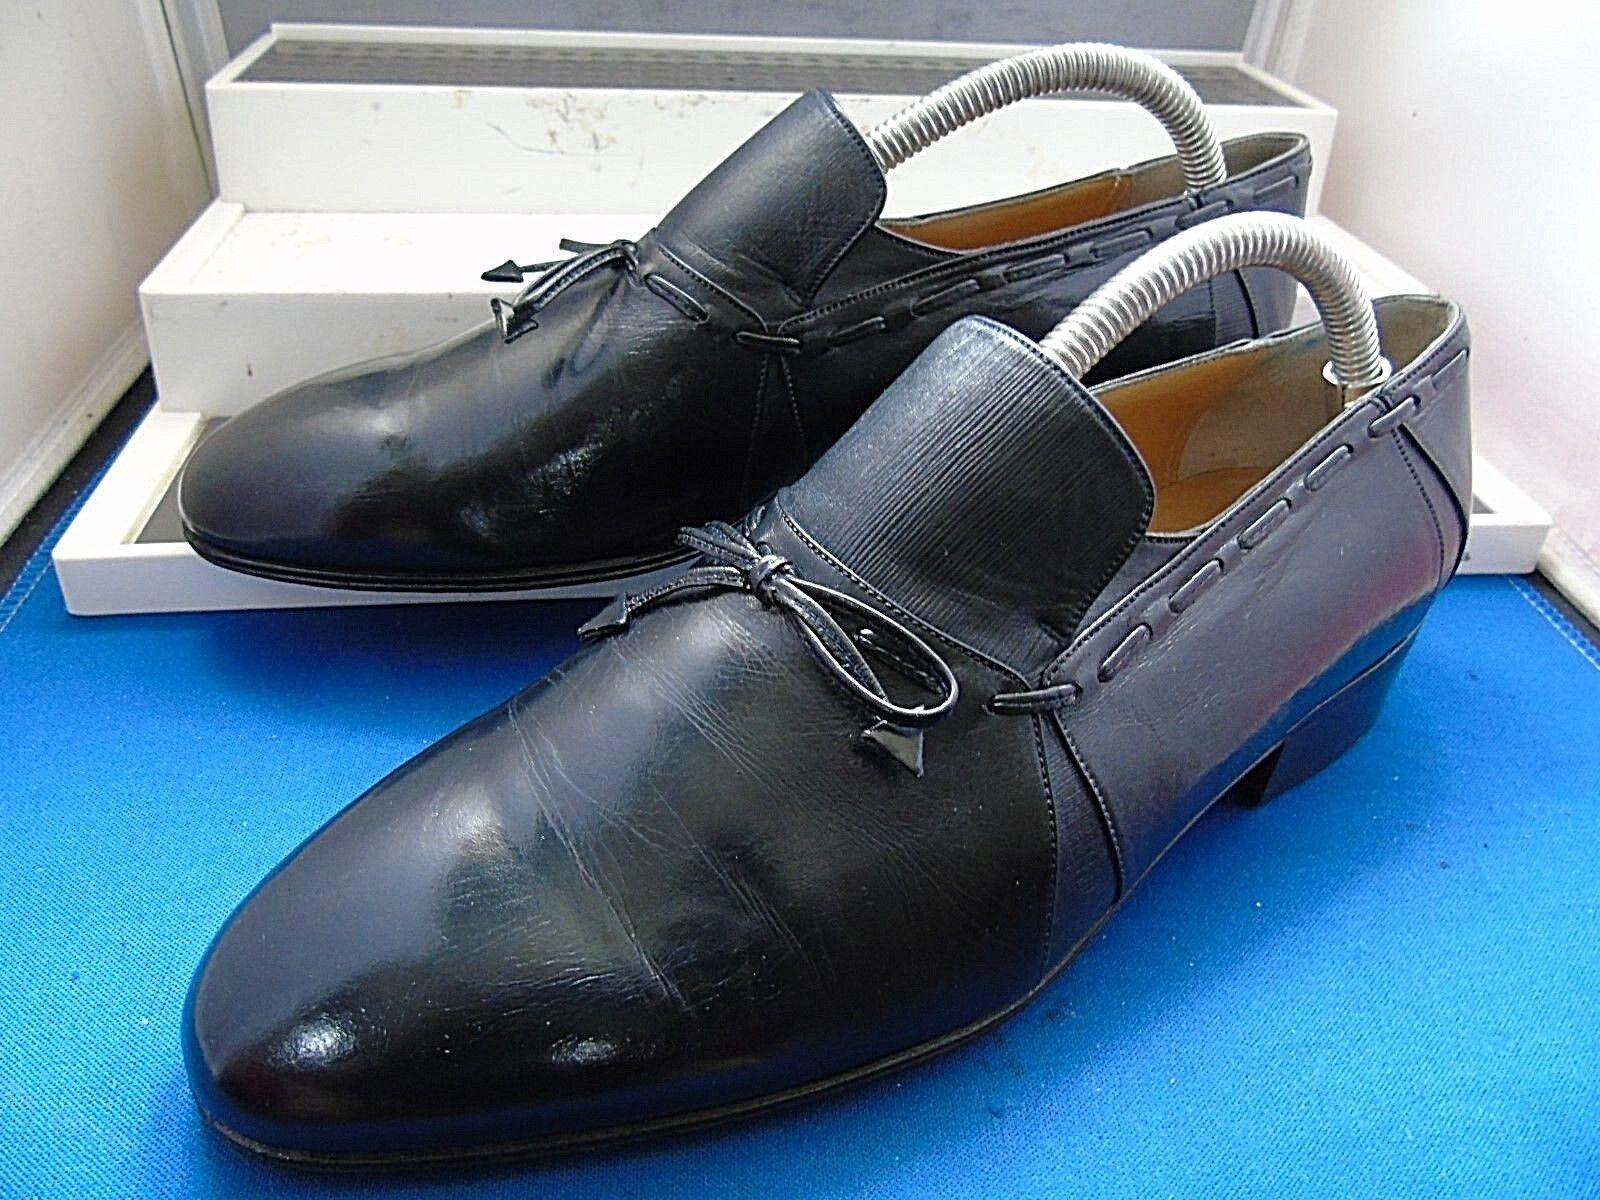 Wana-Londra (Made in Italy) Tg FAB elegante 2-Tone Nappa Tg Italy) EU 40 6bcd2f